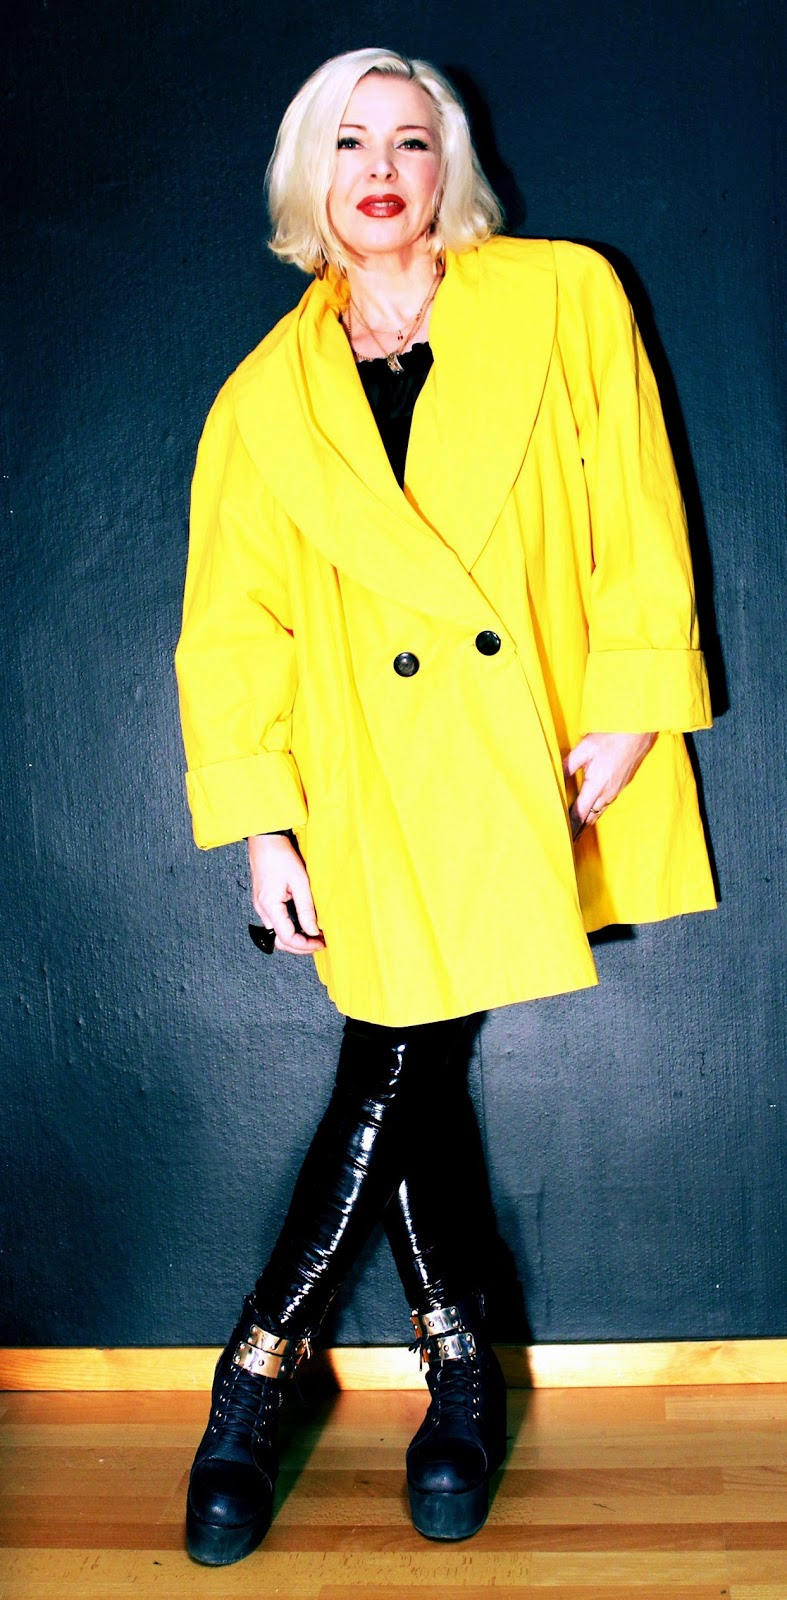 9979c83376e3 Denna gula kappa hänger fortfarande i min garderob - för evigt. Den är på  något sätt symbol för friheten, från tiden då man äntligen fick uttrycka  sig!!